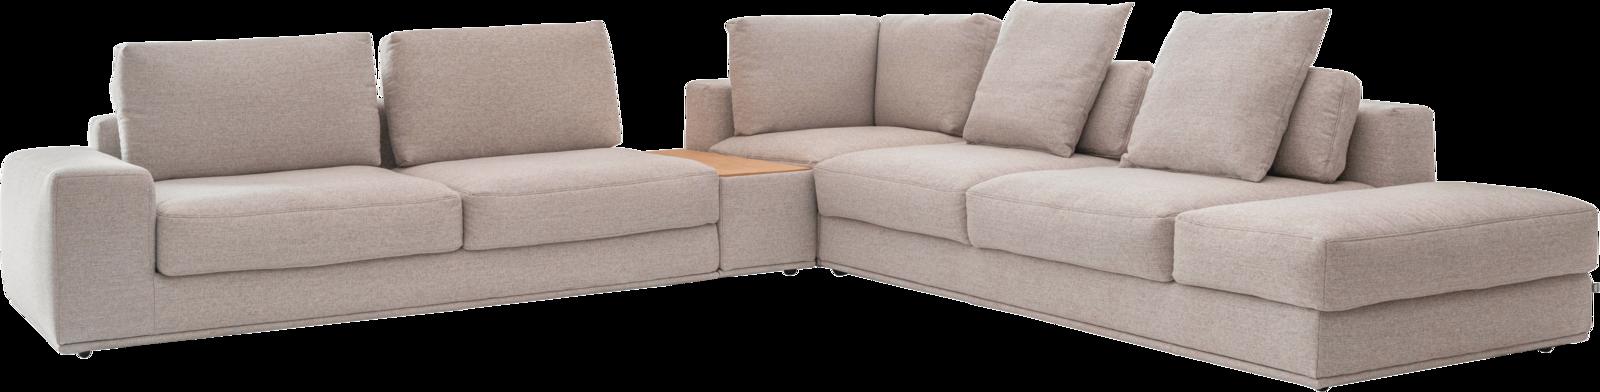 Ecksofa in hellem Stoff  mit großen und kleinen Rückenkissen und integriertem Tischelement.